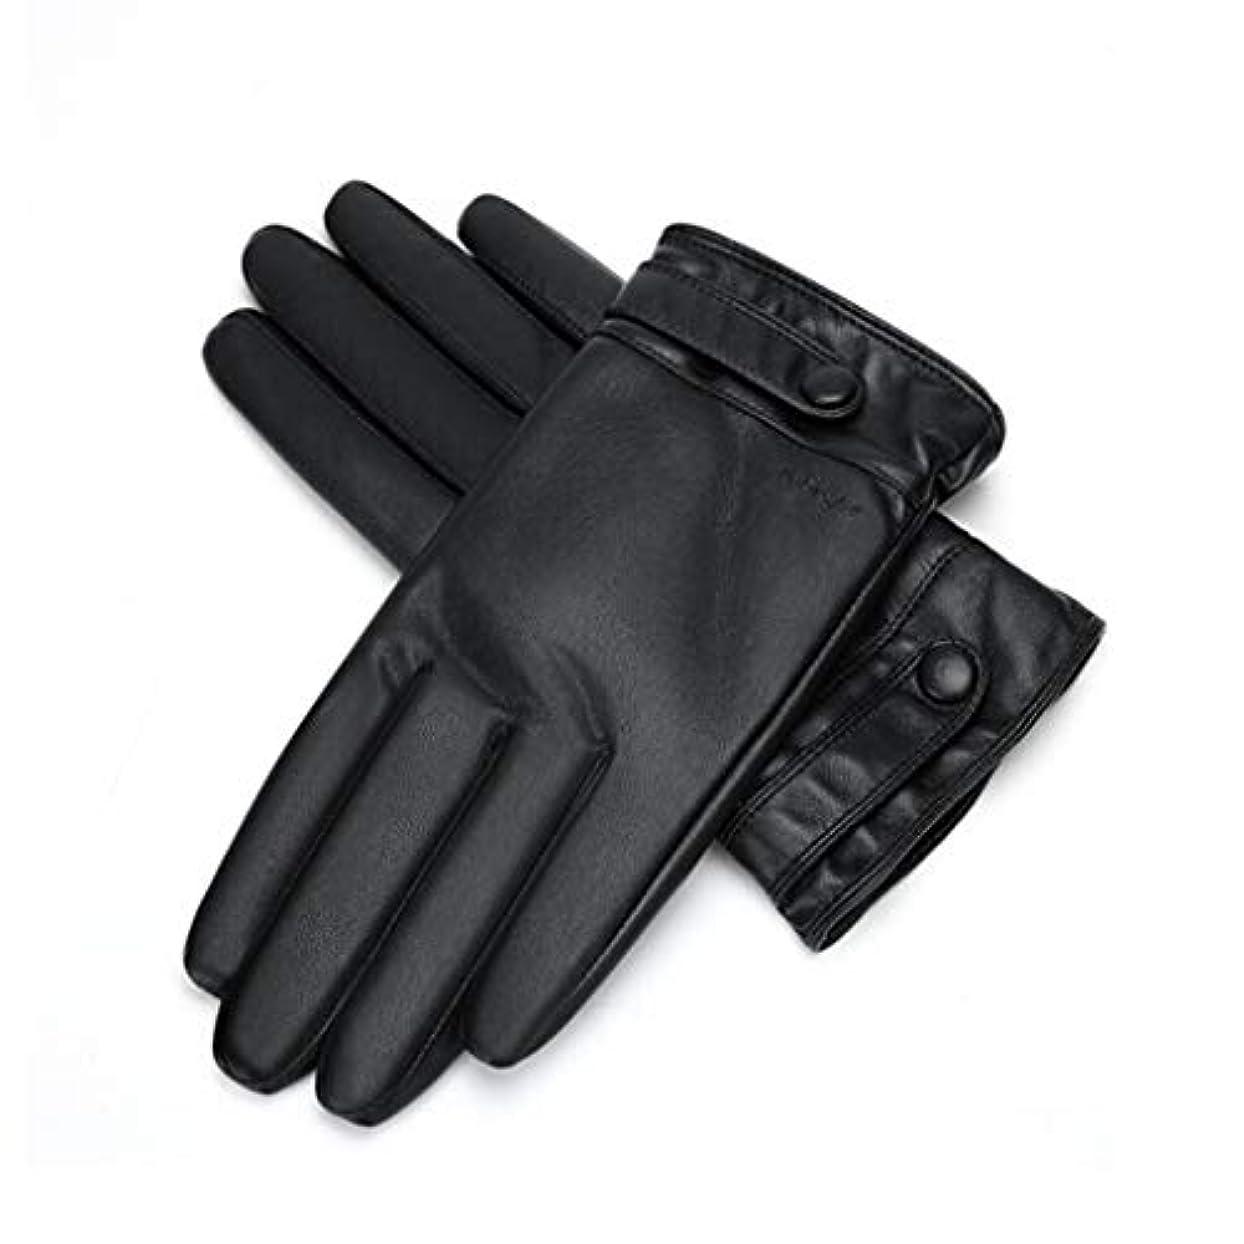 ウェイトレス中ええ暖かい秋と冬を保つためにメンズ革手袋のタッチスクリーンメンズ自転車厚いぬいぐるみ手袋 (サイズ さいず : L21*8.9cm)